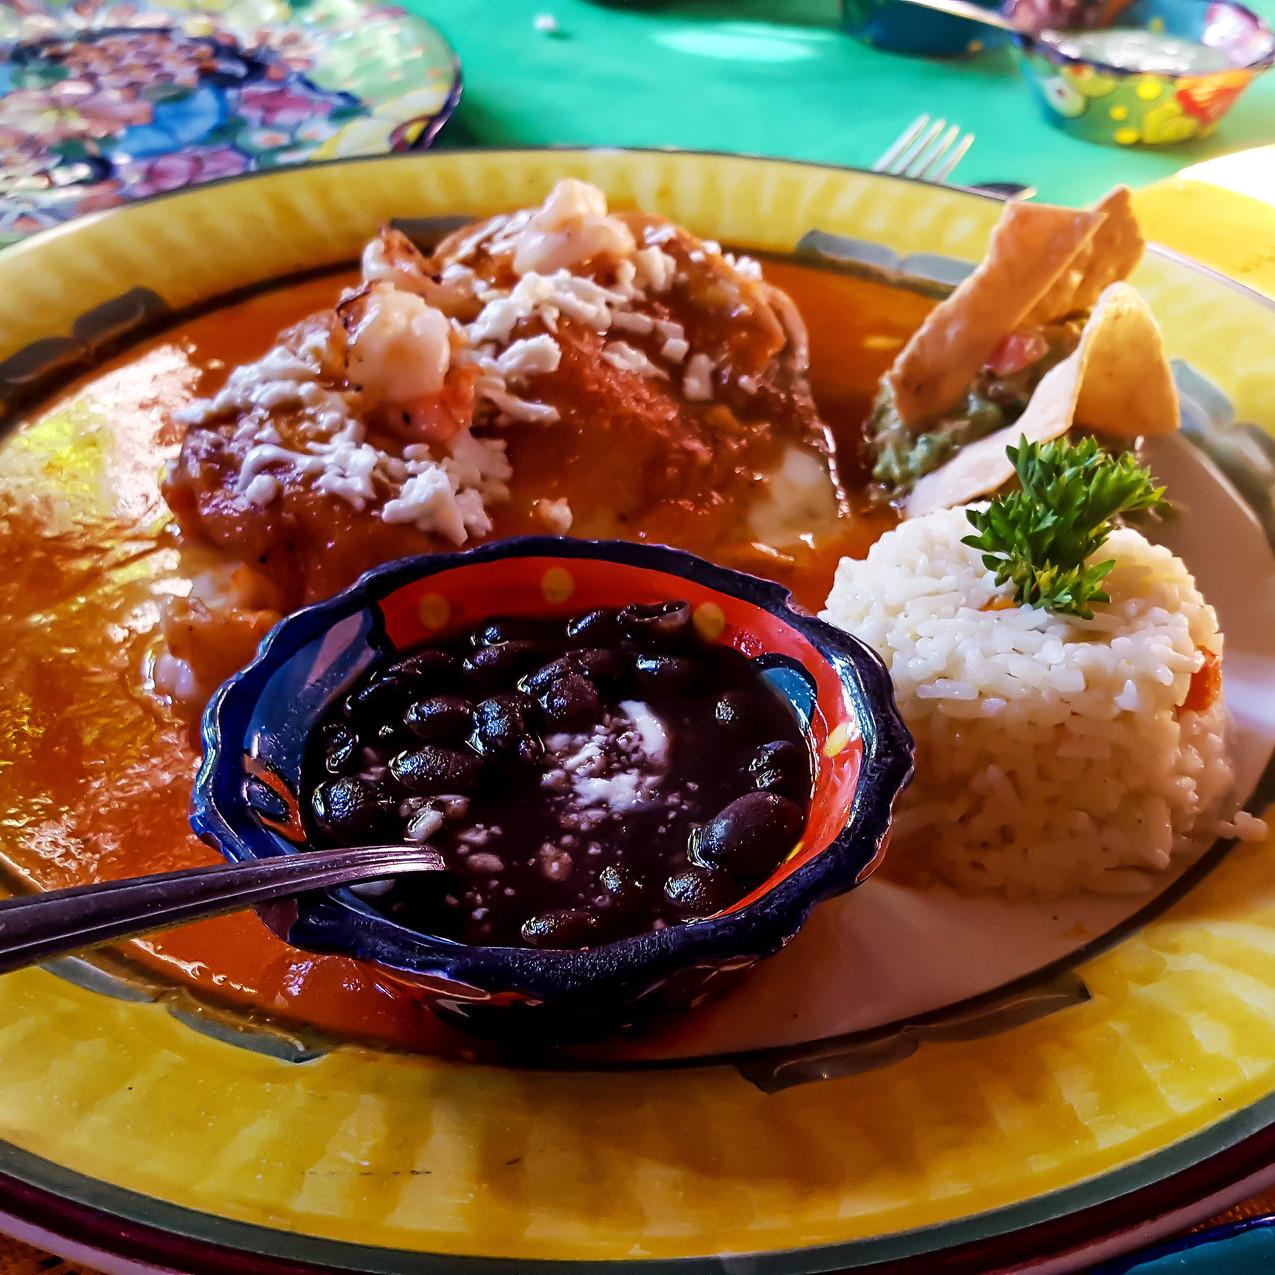 Shrimp Chili Relleno